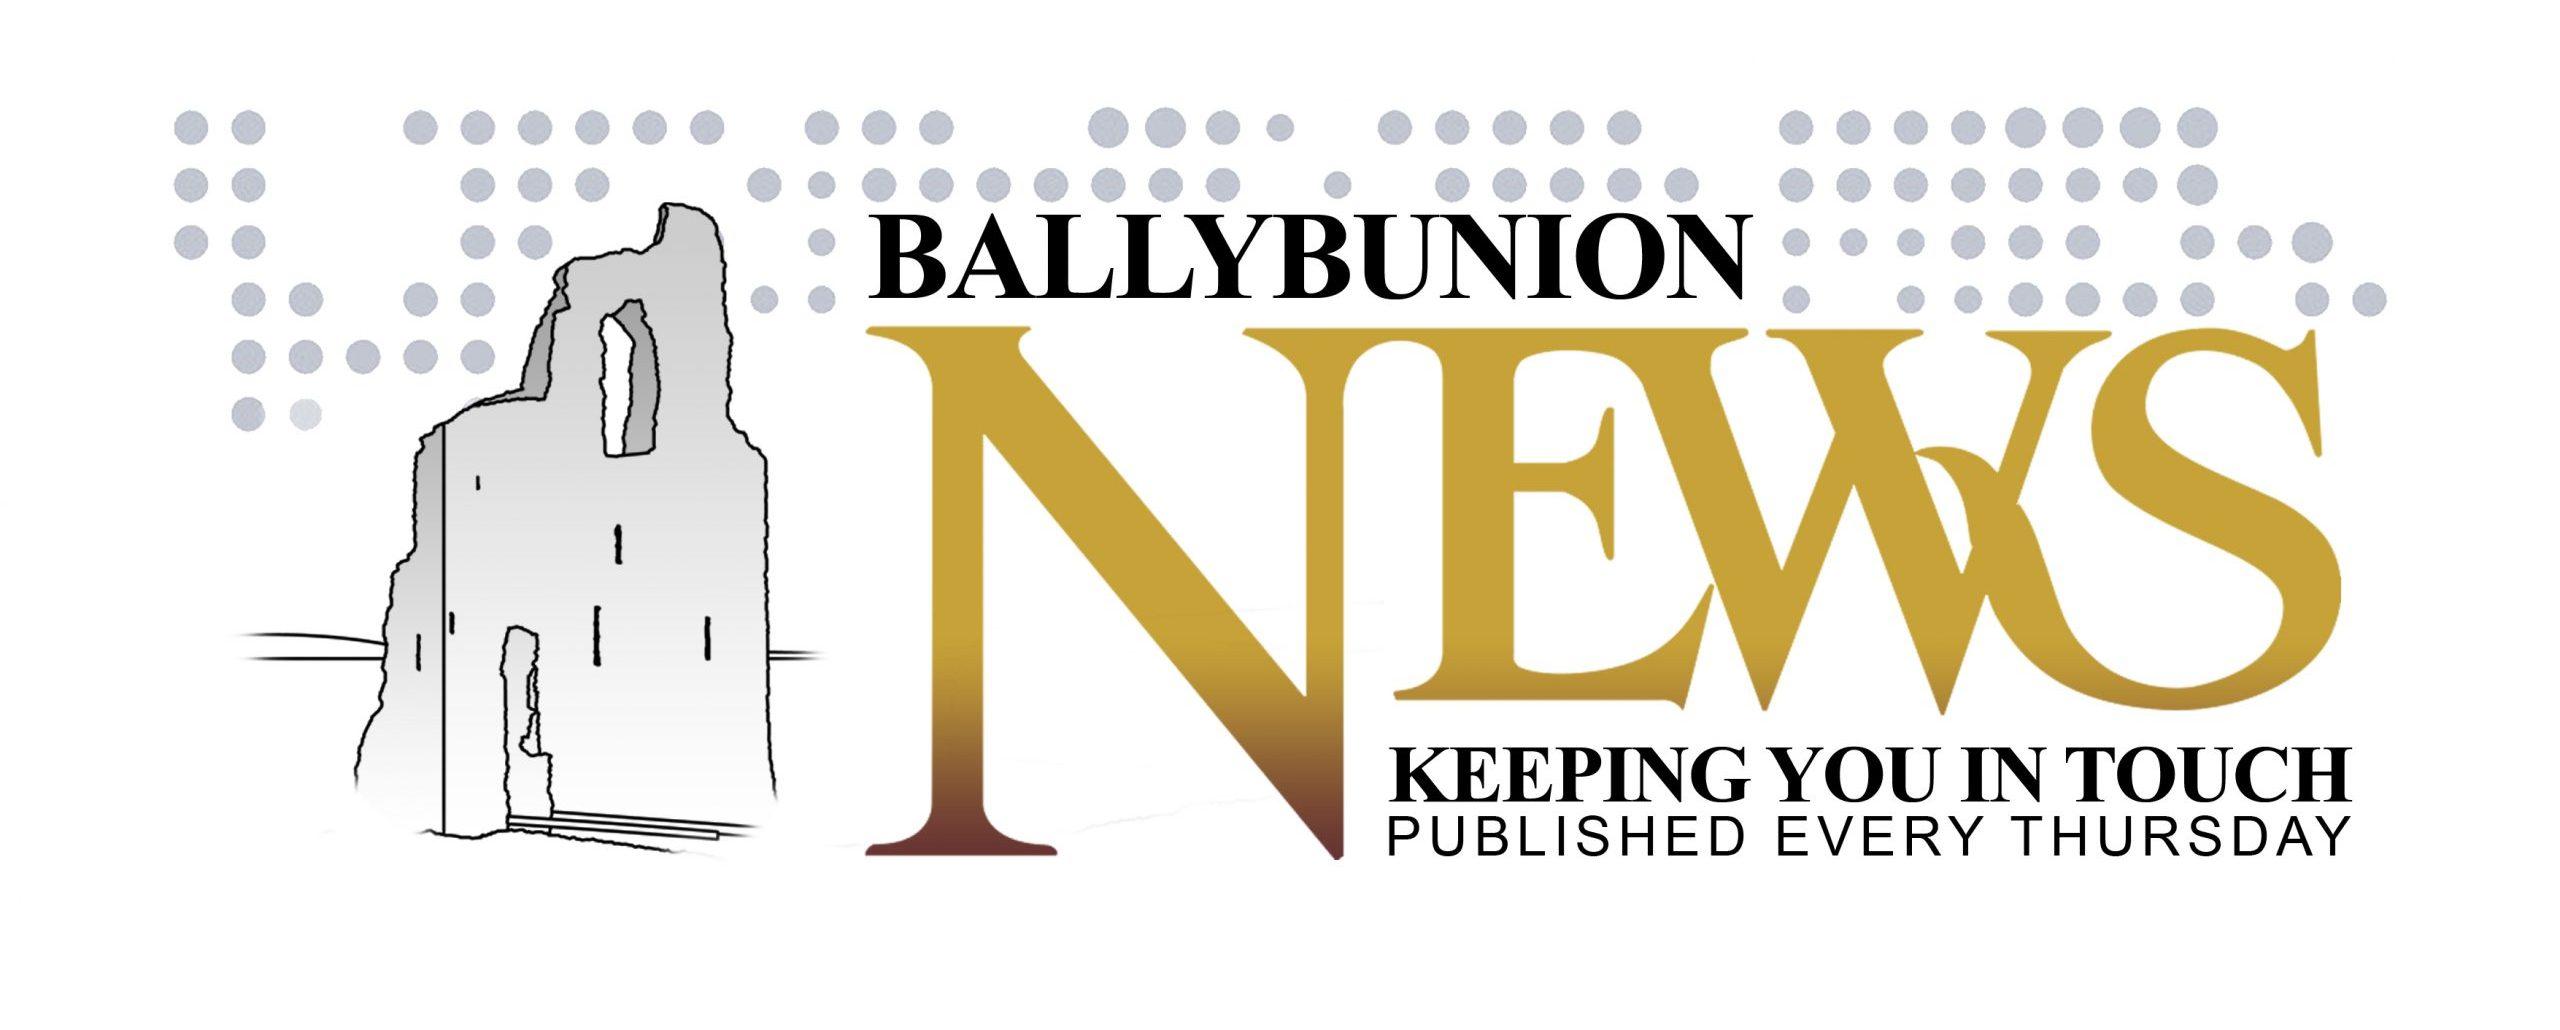 Ballybunion News